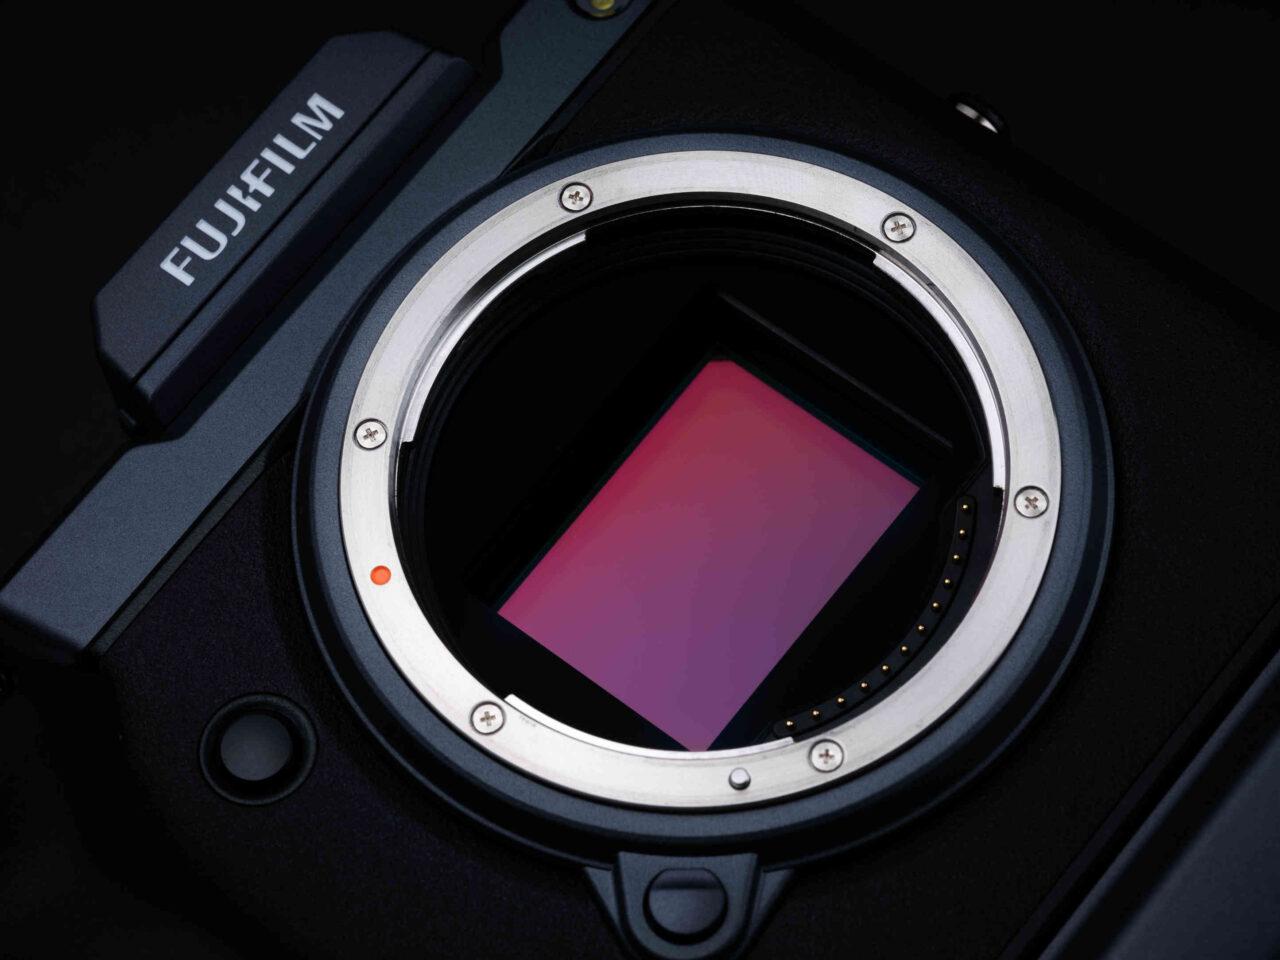 FUJIFILM presenta grandi novità per GFX 100, alzando ancora di più il livello del sistema Large Format